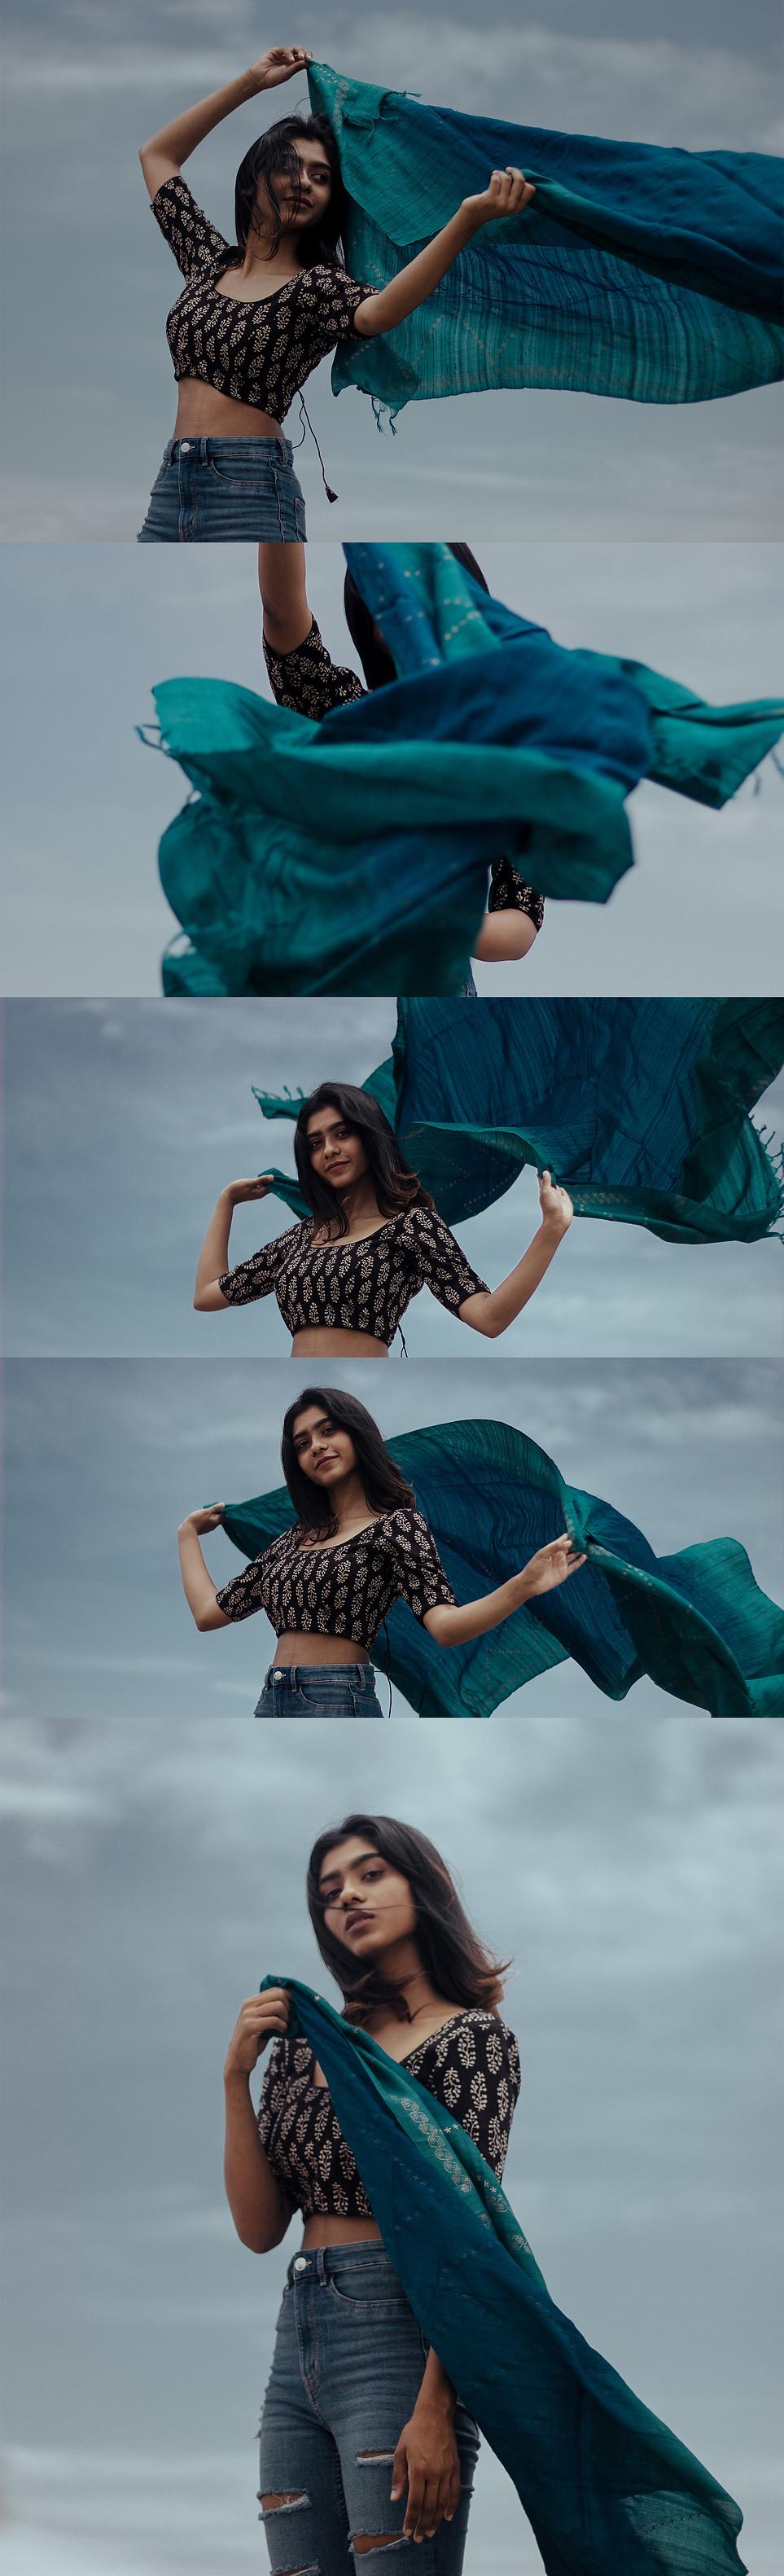 Rachana Sky.jpg